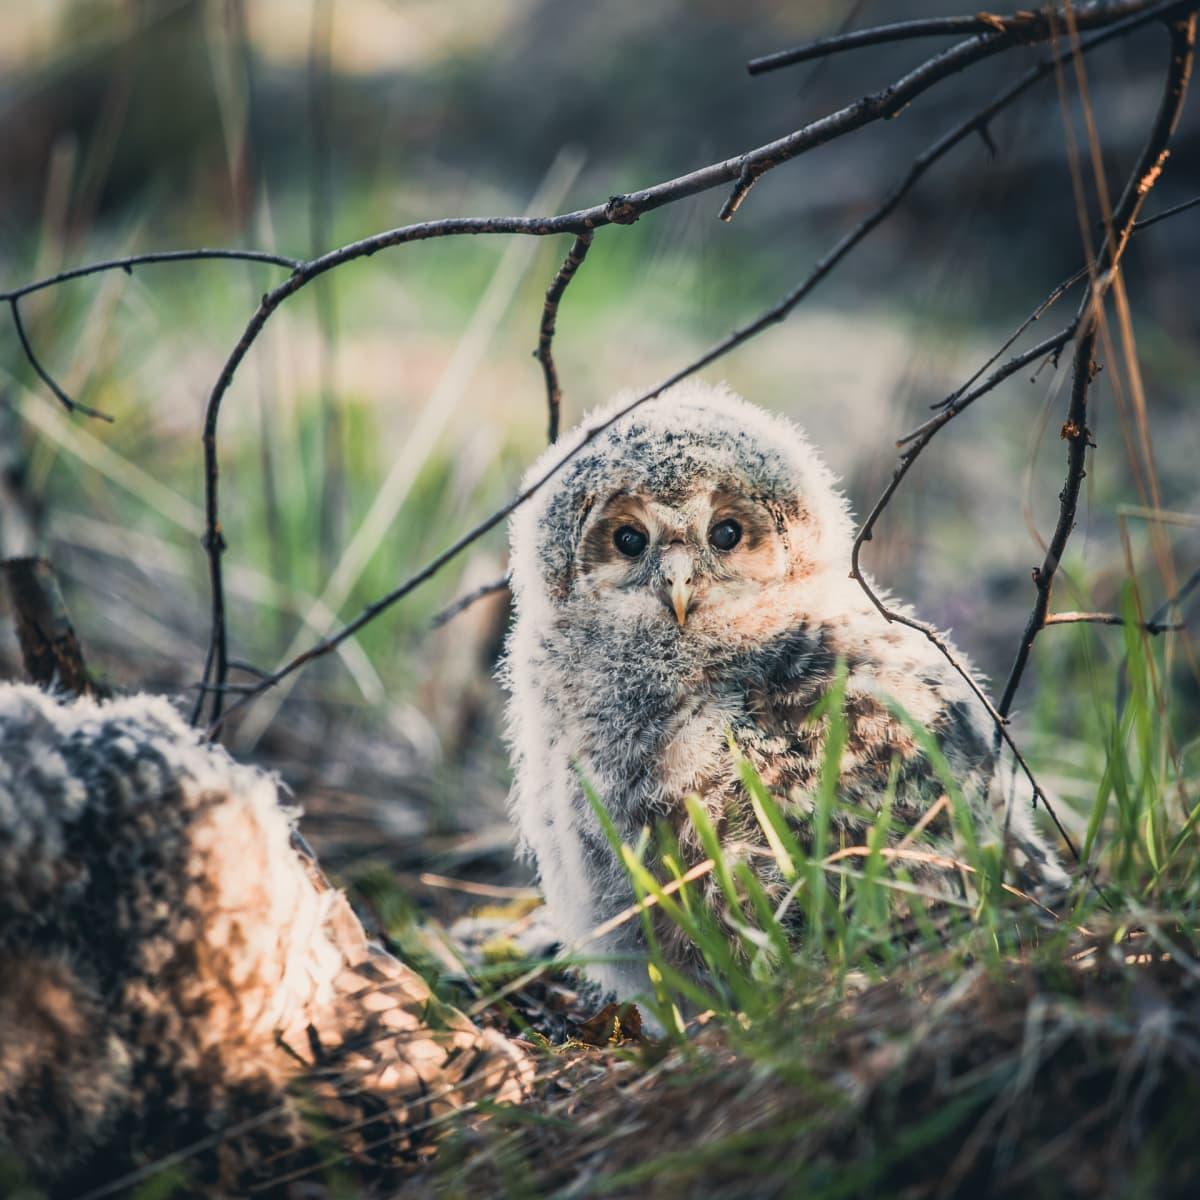 Viirupöllön poikanen katsoo kameraan